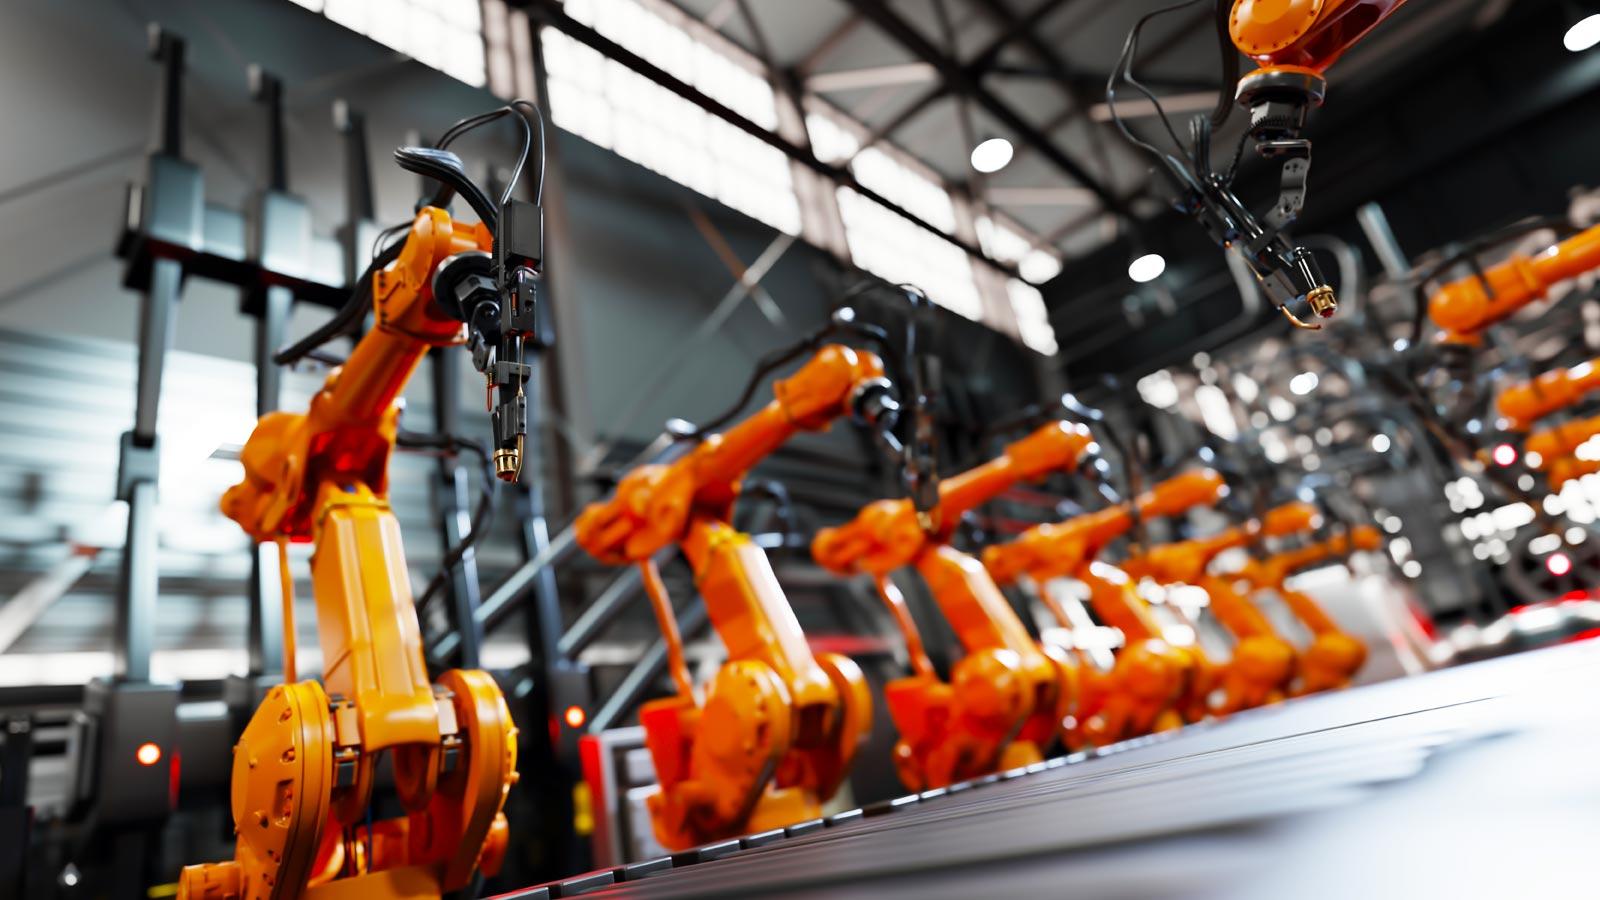 cignoli-elettroforniture-installazione-industriale-automazione-illuminazione-36